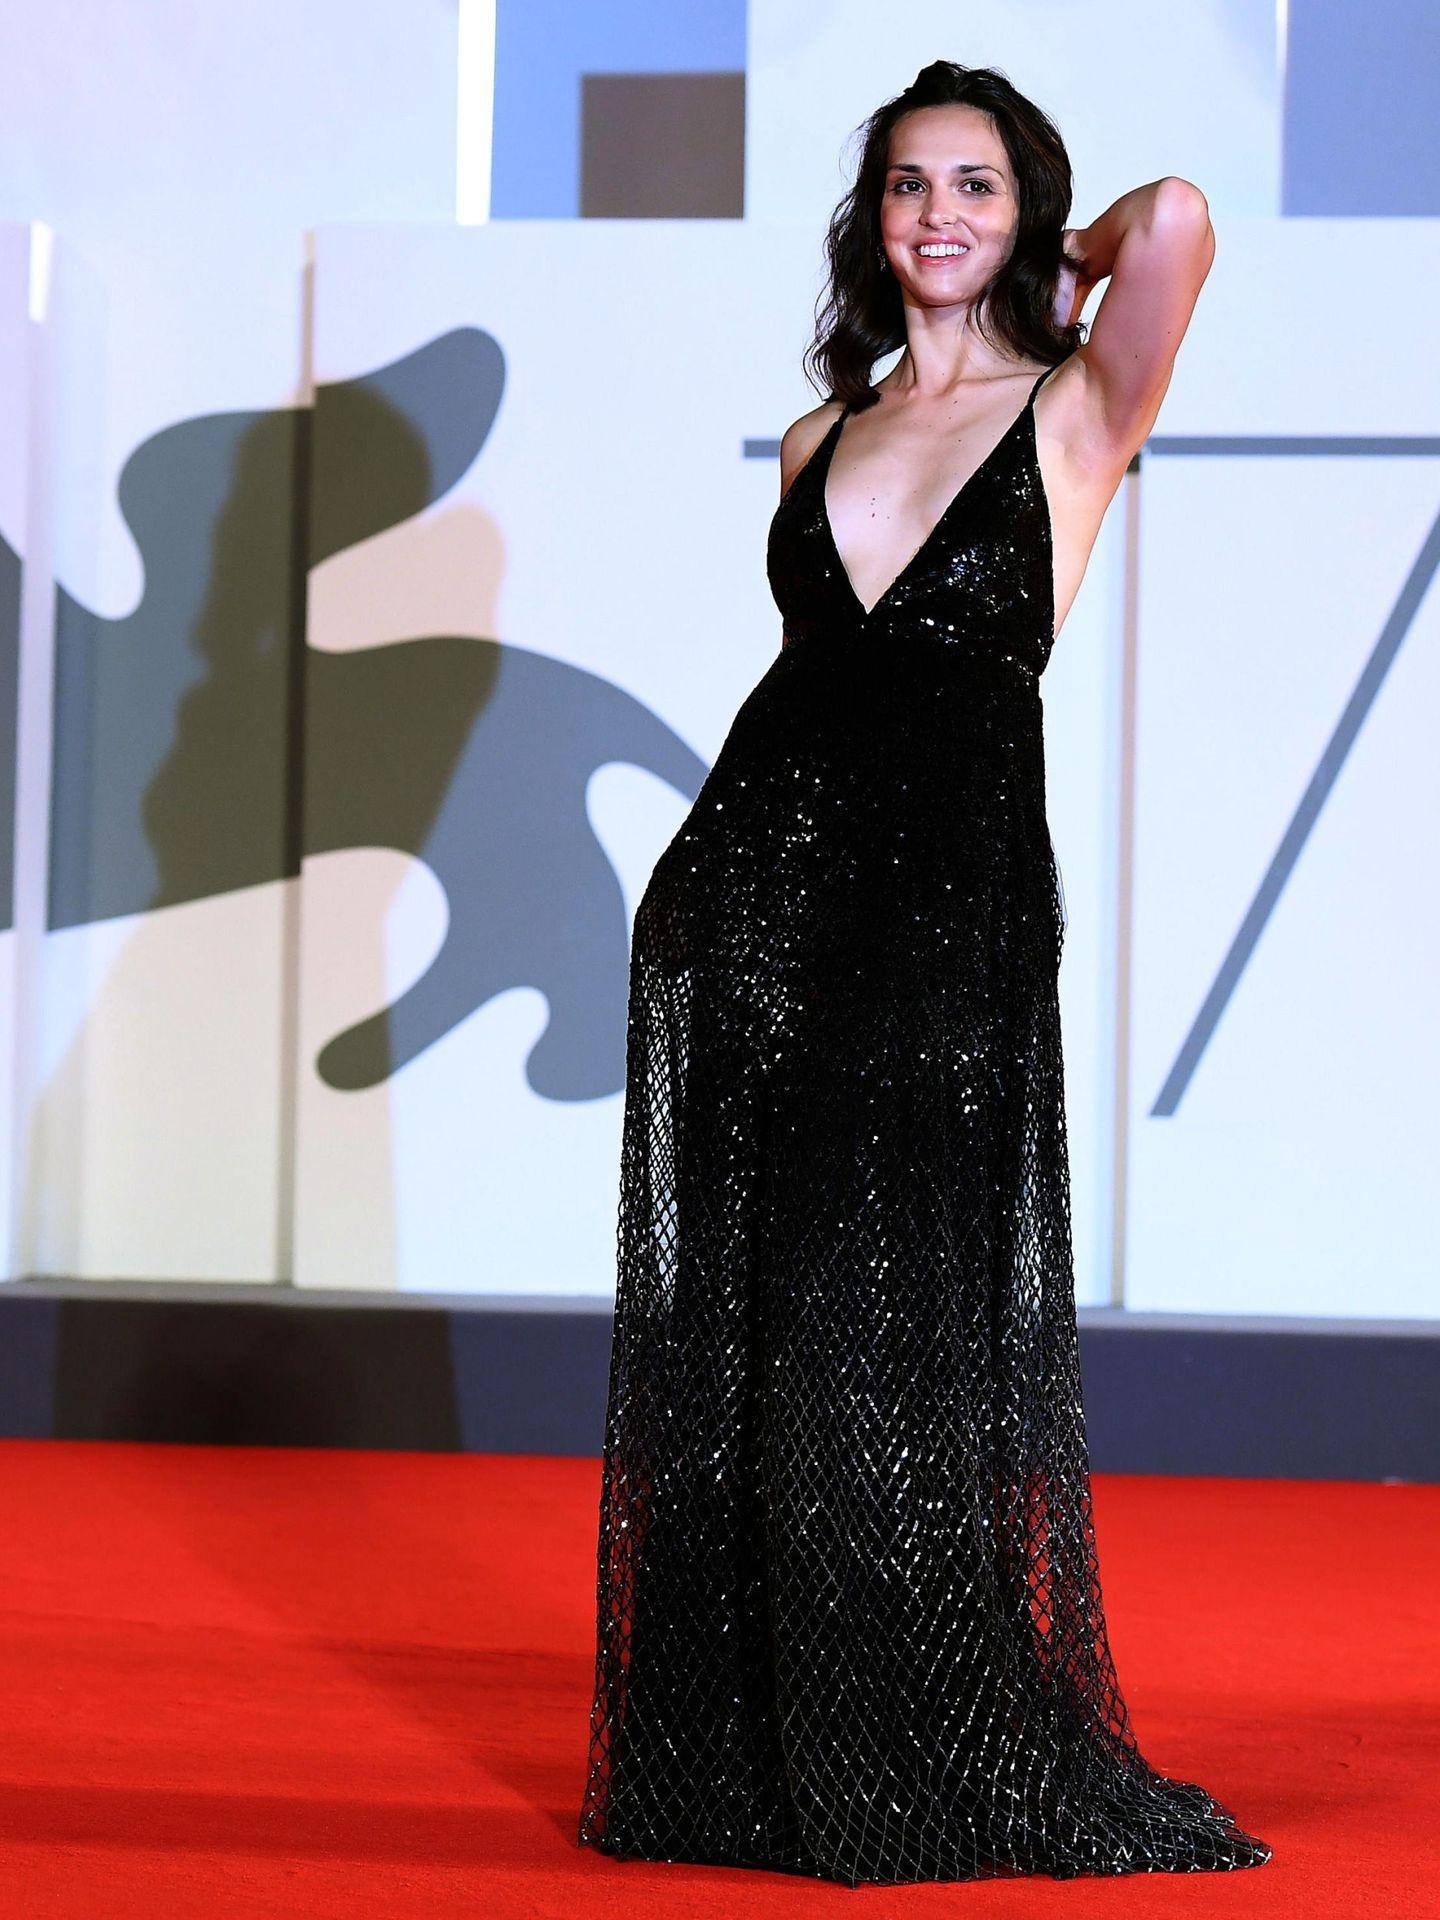 La actriz Sara Serraiocco, en la presentación de 'Non Odiare' con vestido largo de tirantes, de red en color negro y pronunciado escote. (EFE)